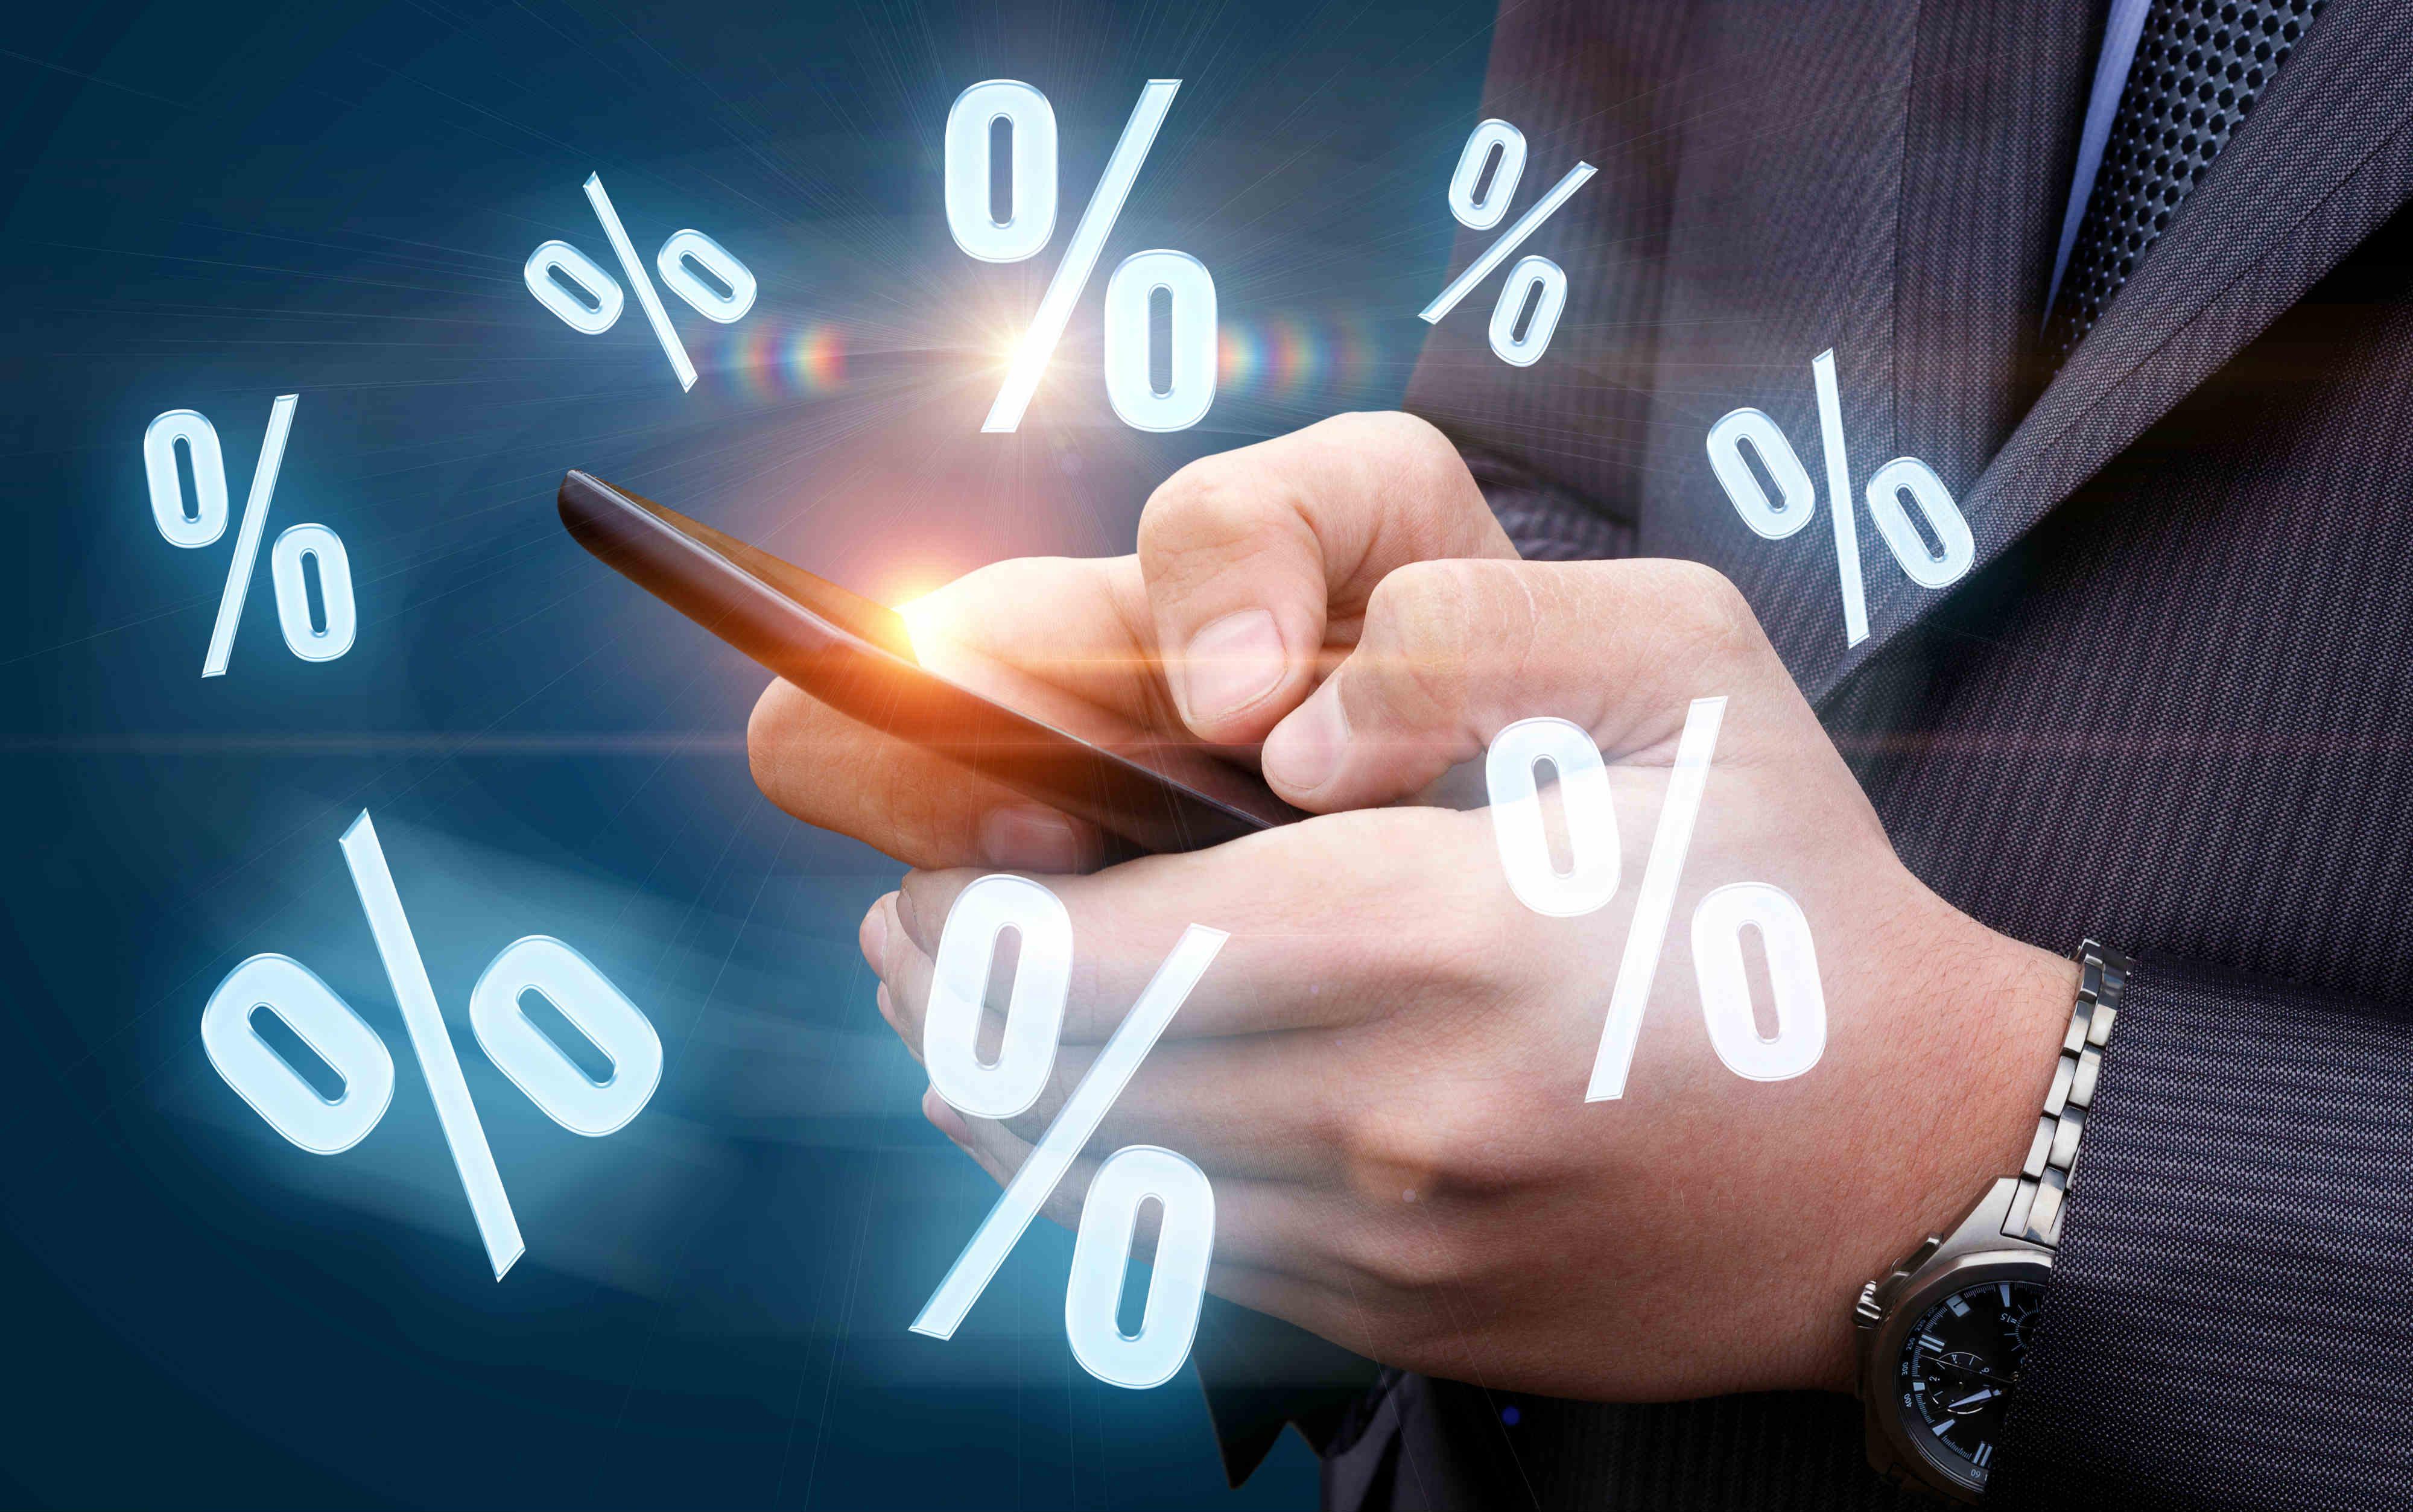 携帯乗り換え(MNP)で日割り不可の料金は月末手続きで解決!